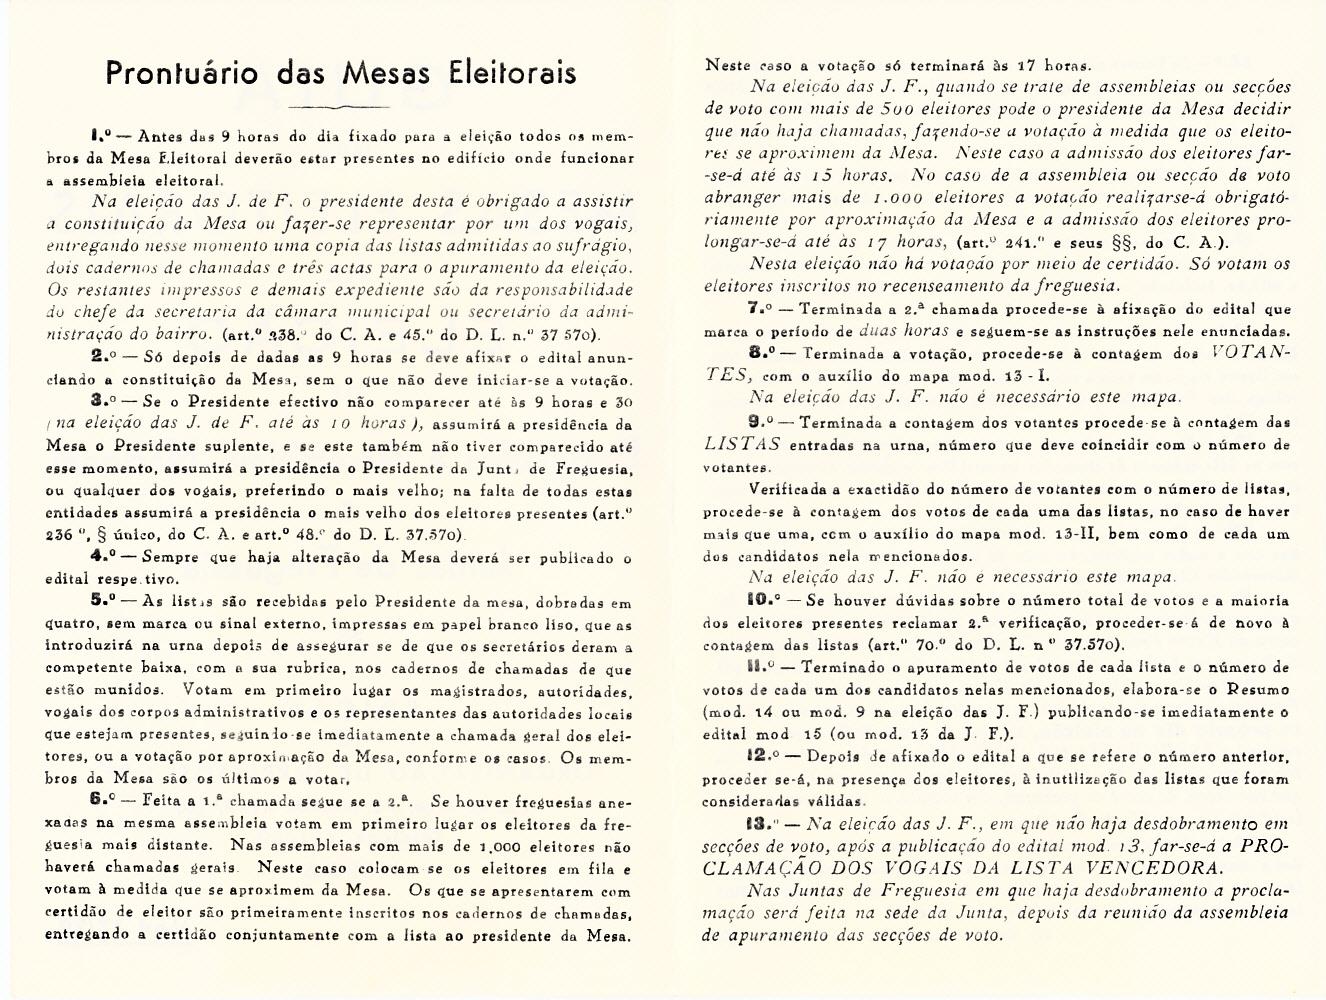 Eleicoes_1953_11_08_UN_0015